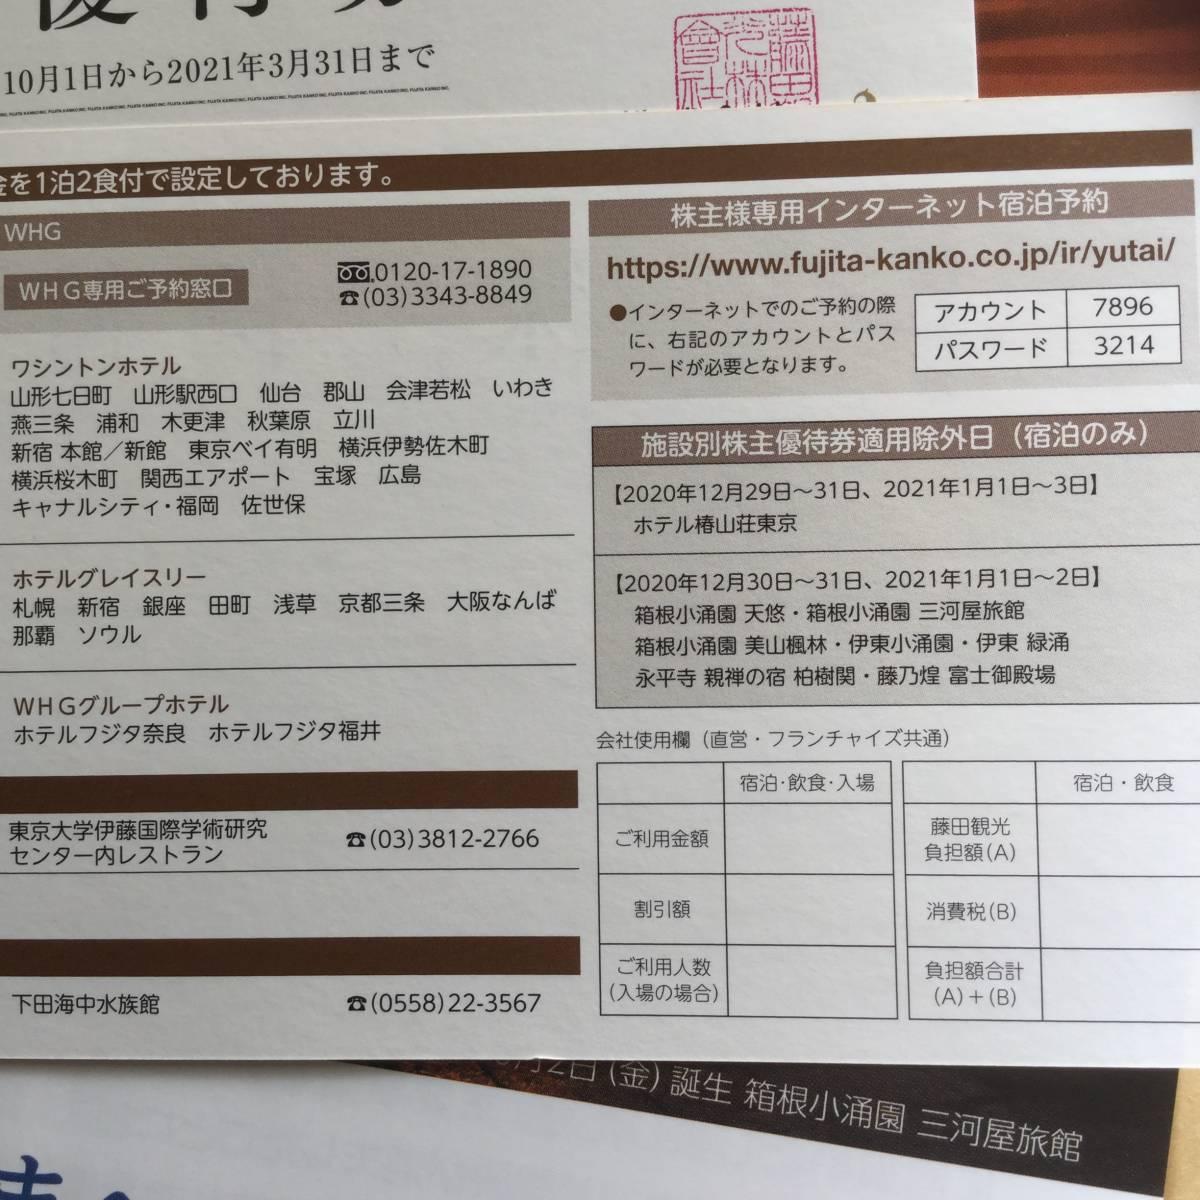 藤田観光 株主優待券 宿泊 飲食 入場 割引券 1枚~4枚 ■■■■ 2021.3.31_画像5